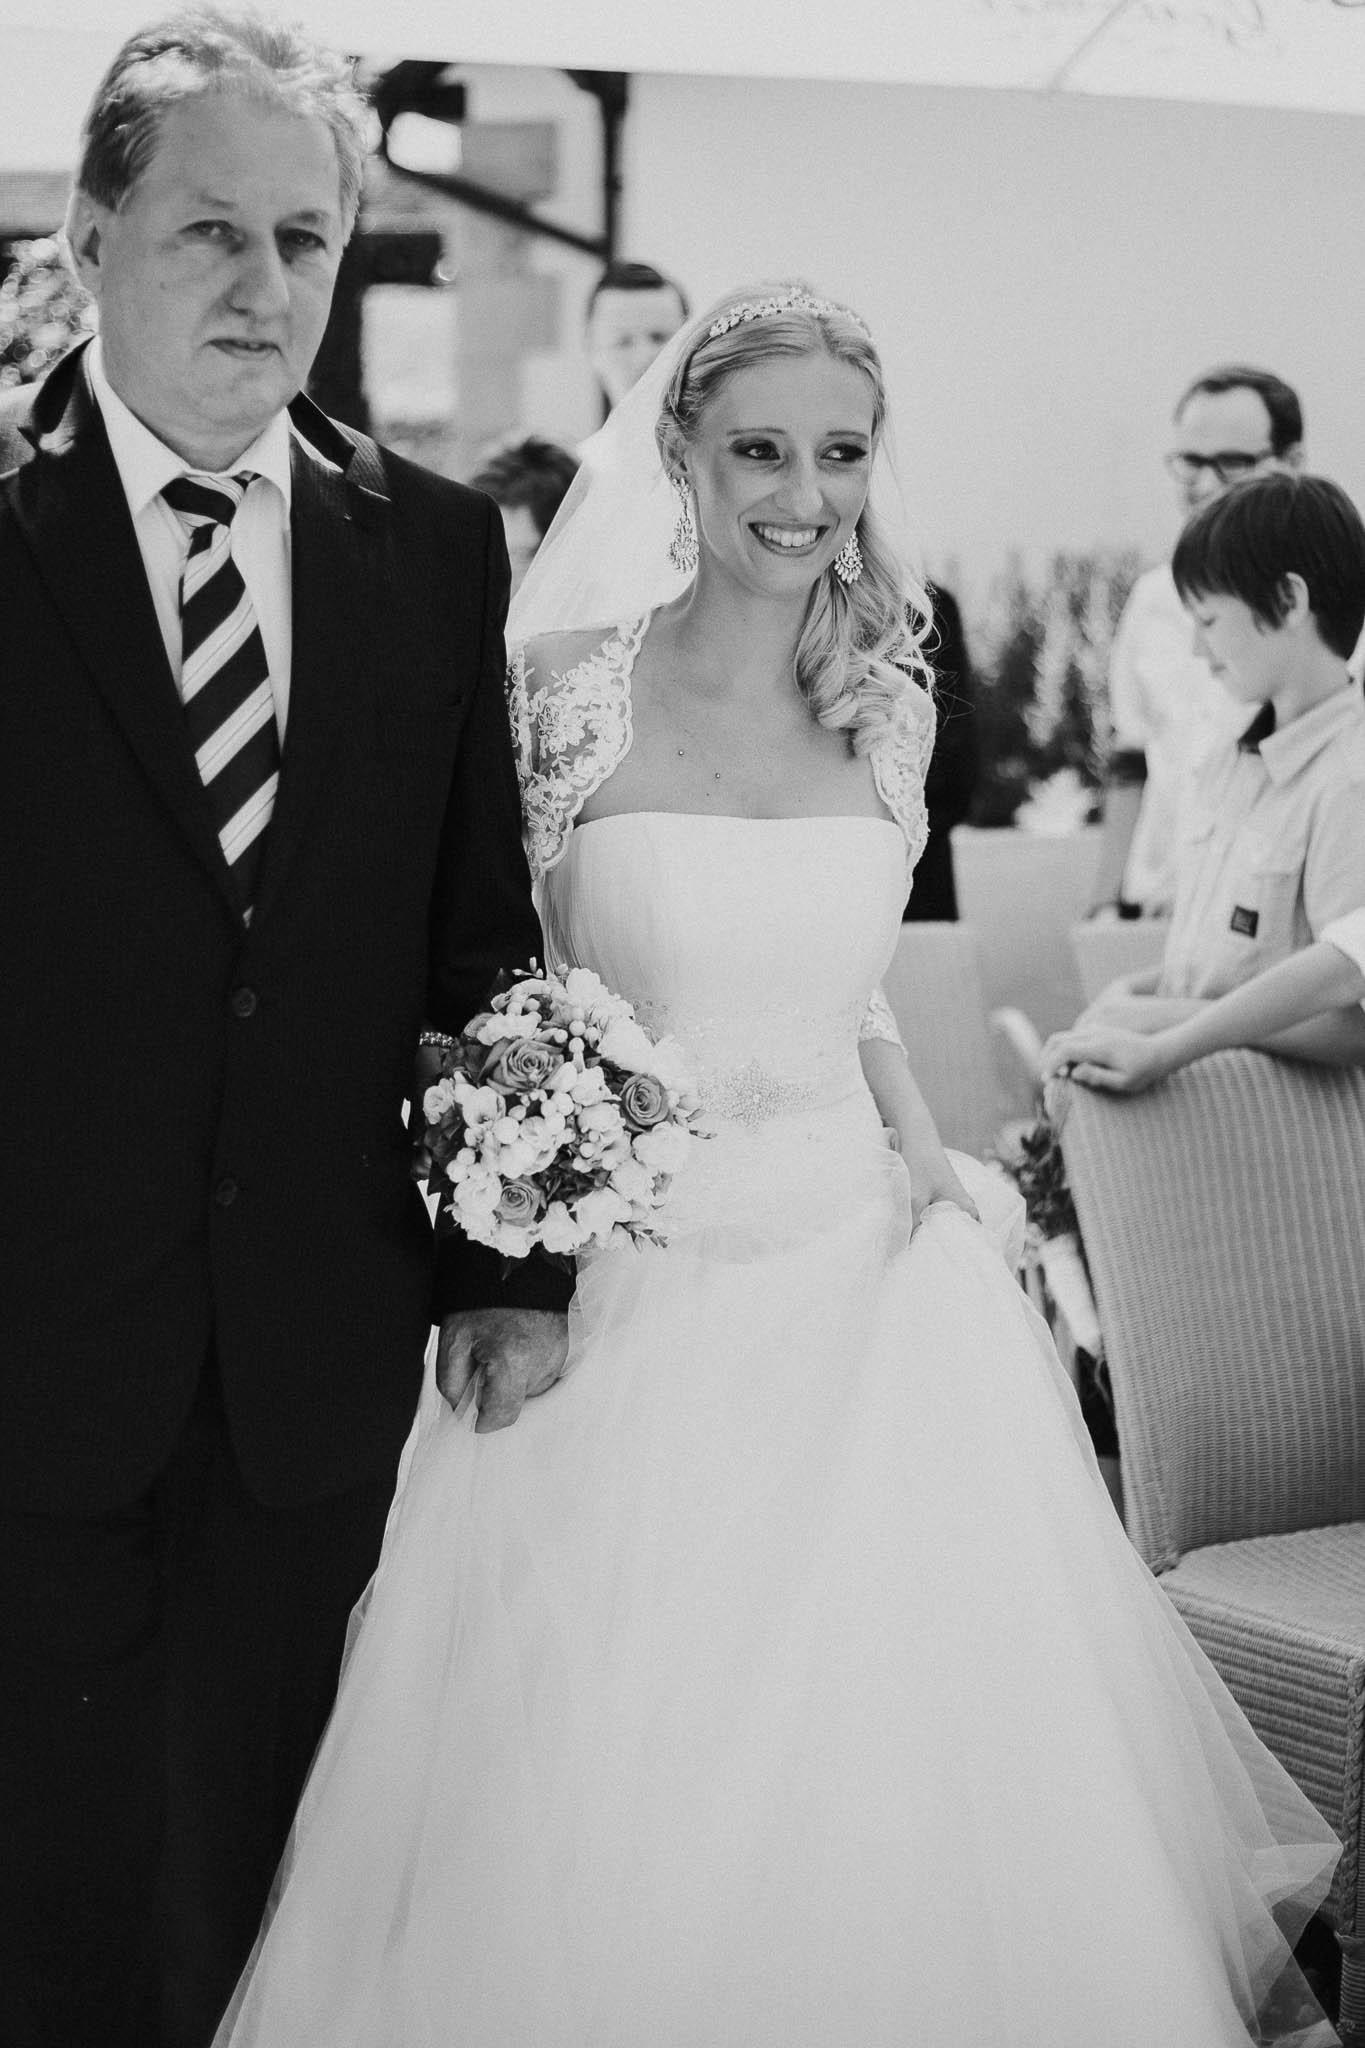 Vater führt die Tochter zum Bräutigam - Hochzeitsfotografie Maren Scheffler